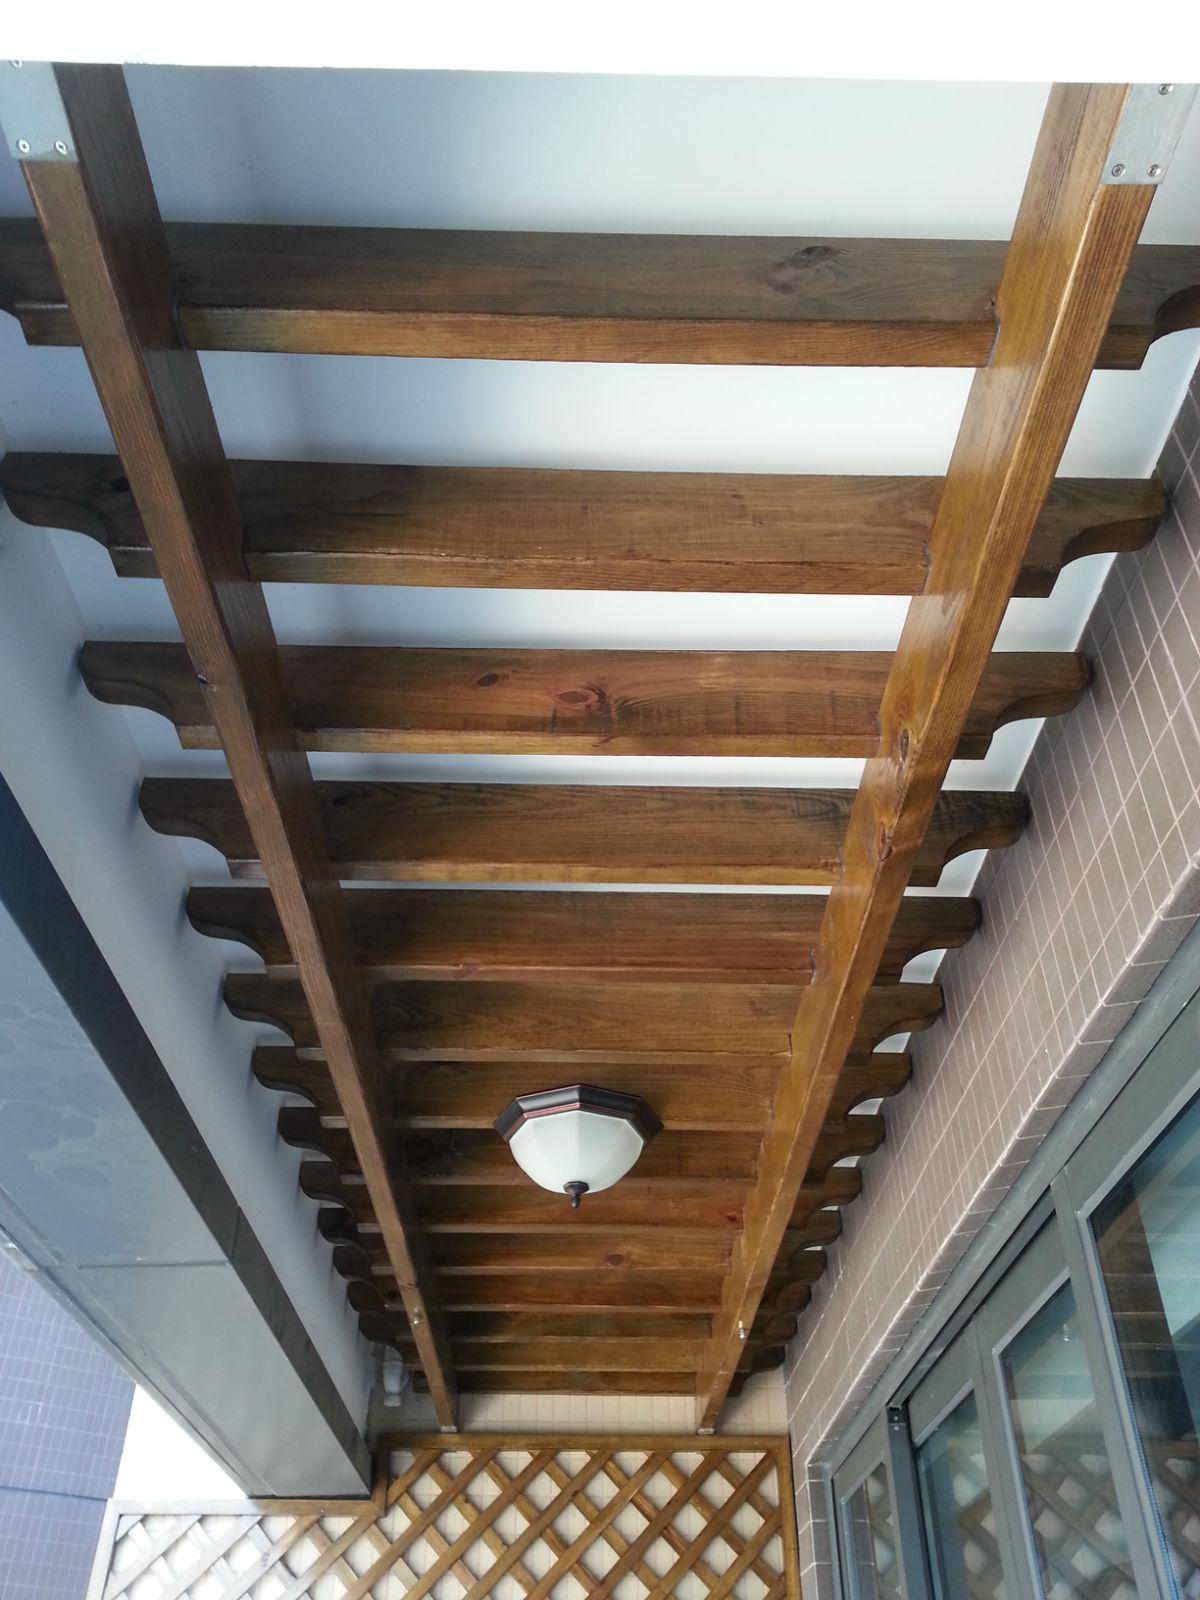 柜和旁边的墙面装饰木条